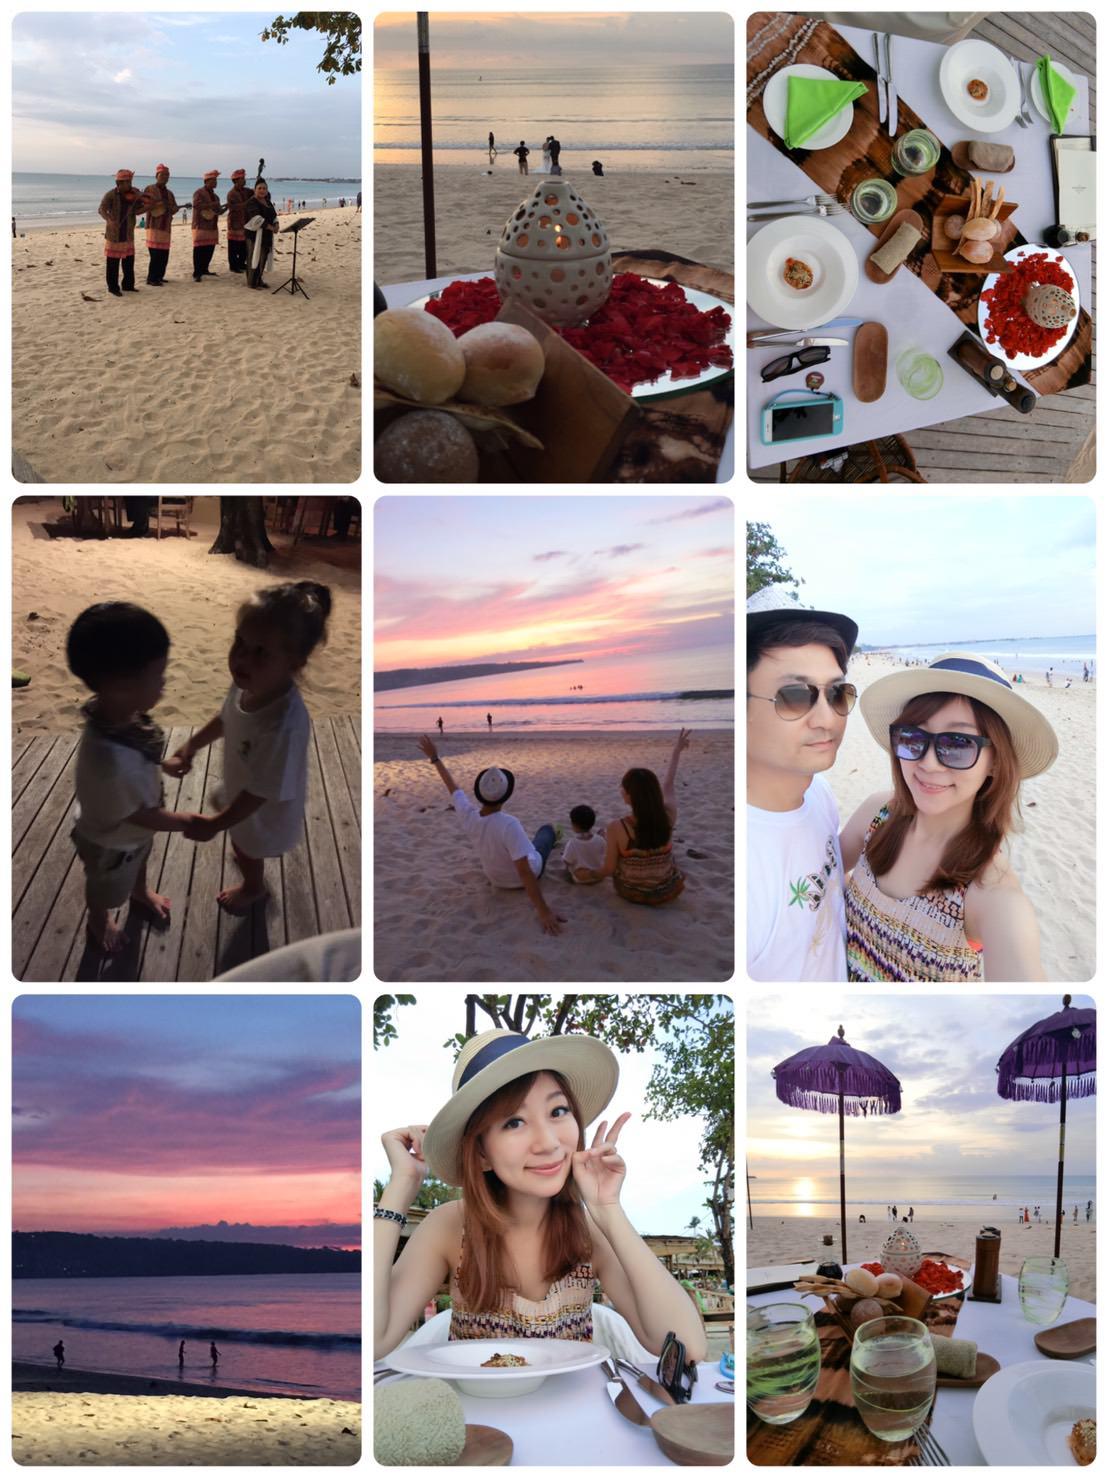 峇里島 金巴蘭JIMBARAM PURI 沙灘燭光晚餐❤️超完美沙灘夕陽美食❤️人生必訪景點(≧∇≦)/